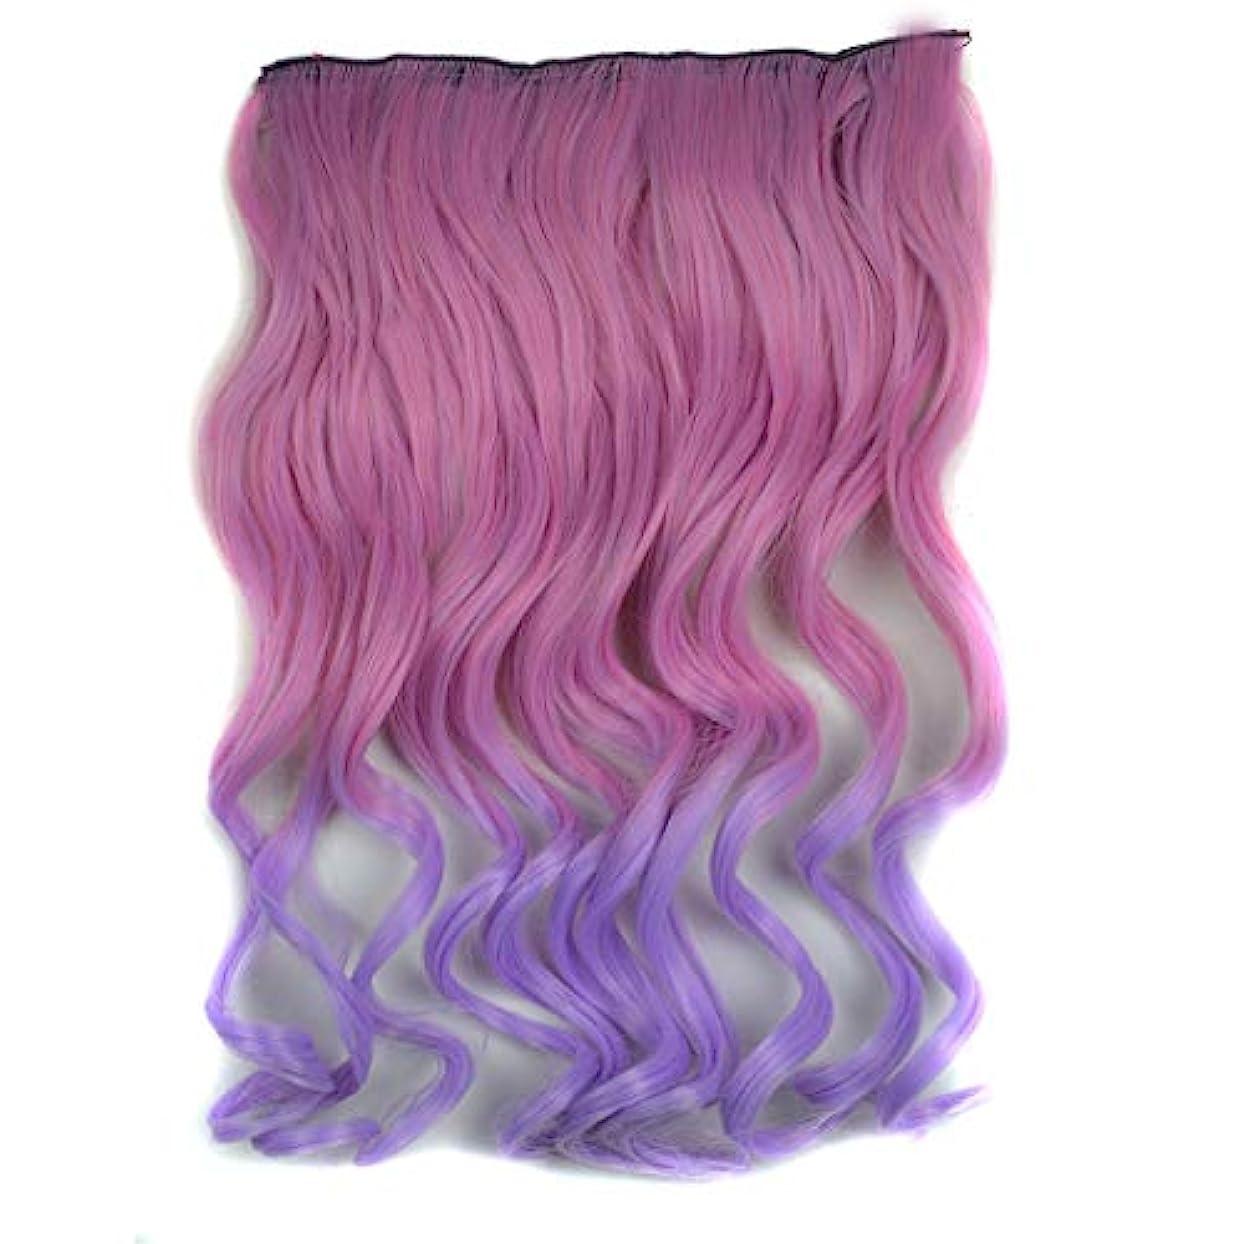 貪欲超越するマイクWTYD 美容ヘアツール ワンピースシームレスヘアエクステンションピースカラーグラデーション大波ロングカーリングクリップタイプヘアピース